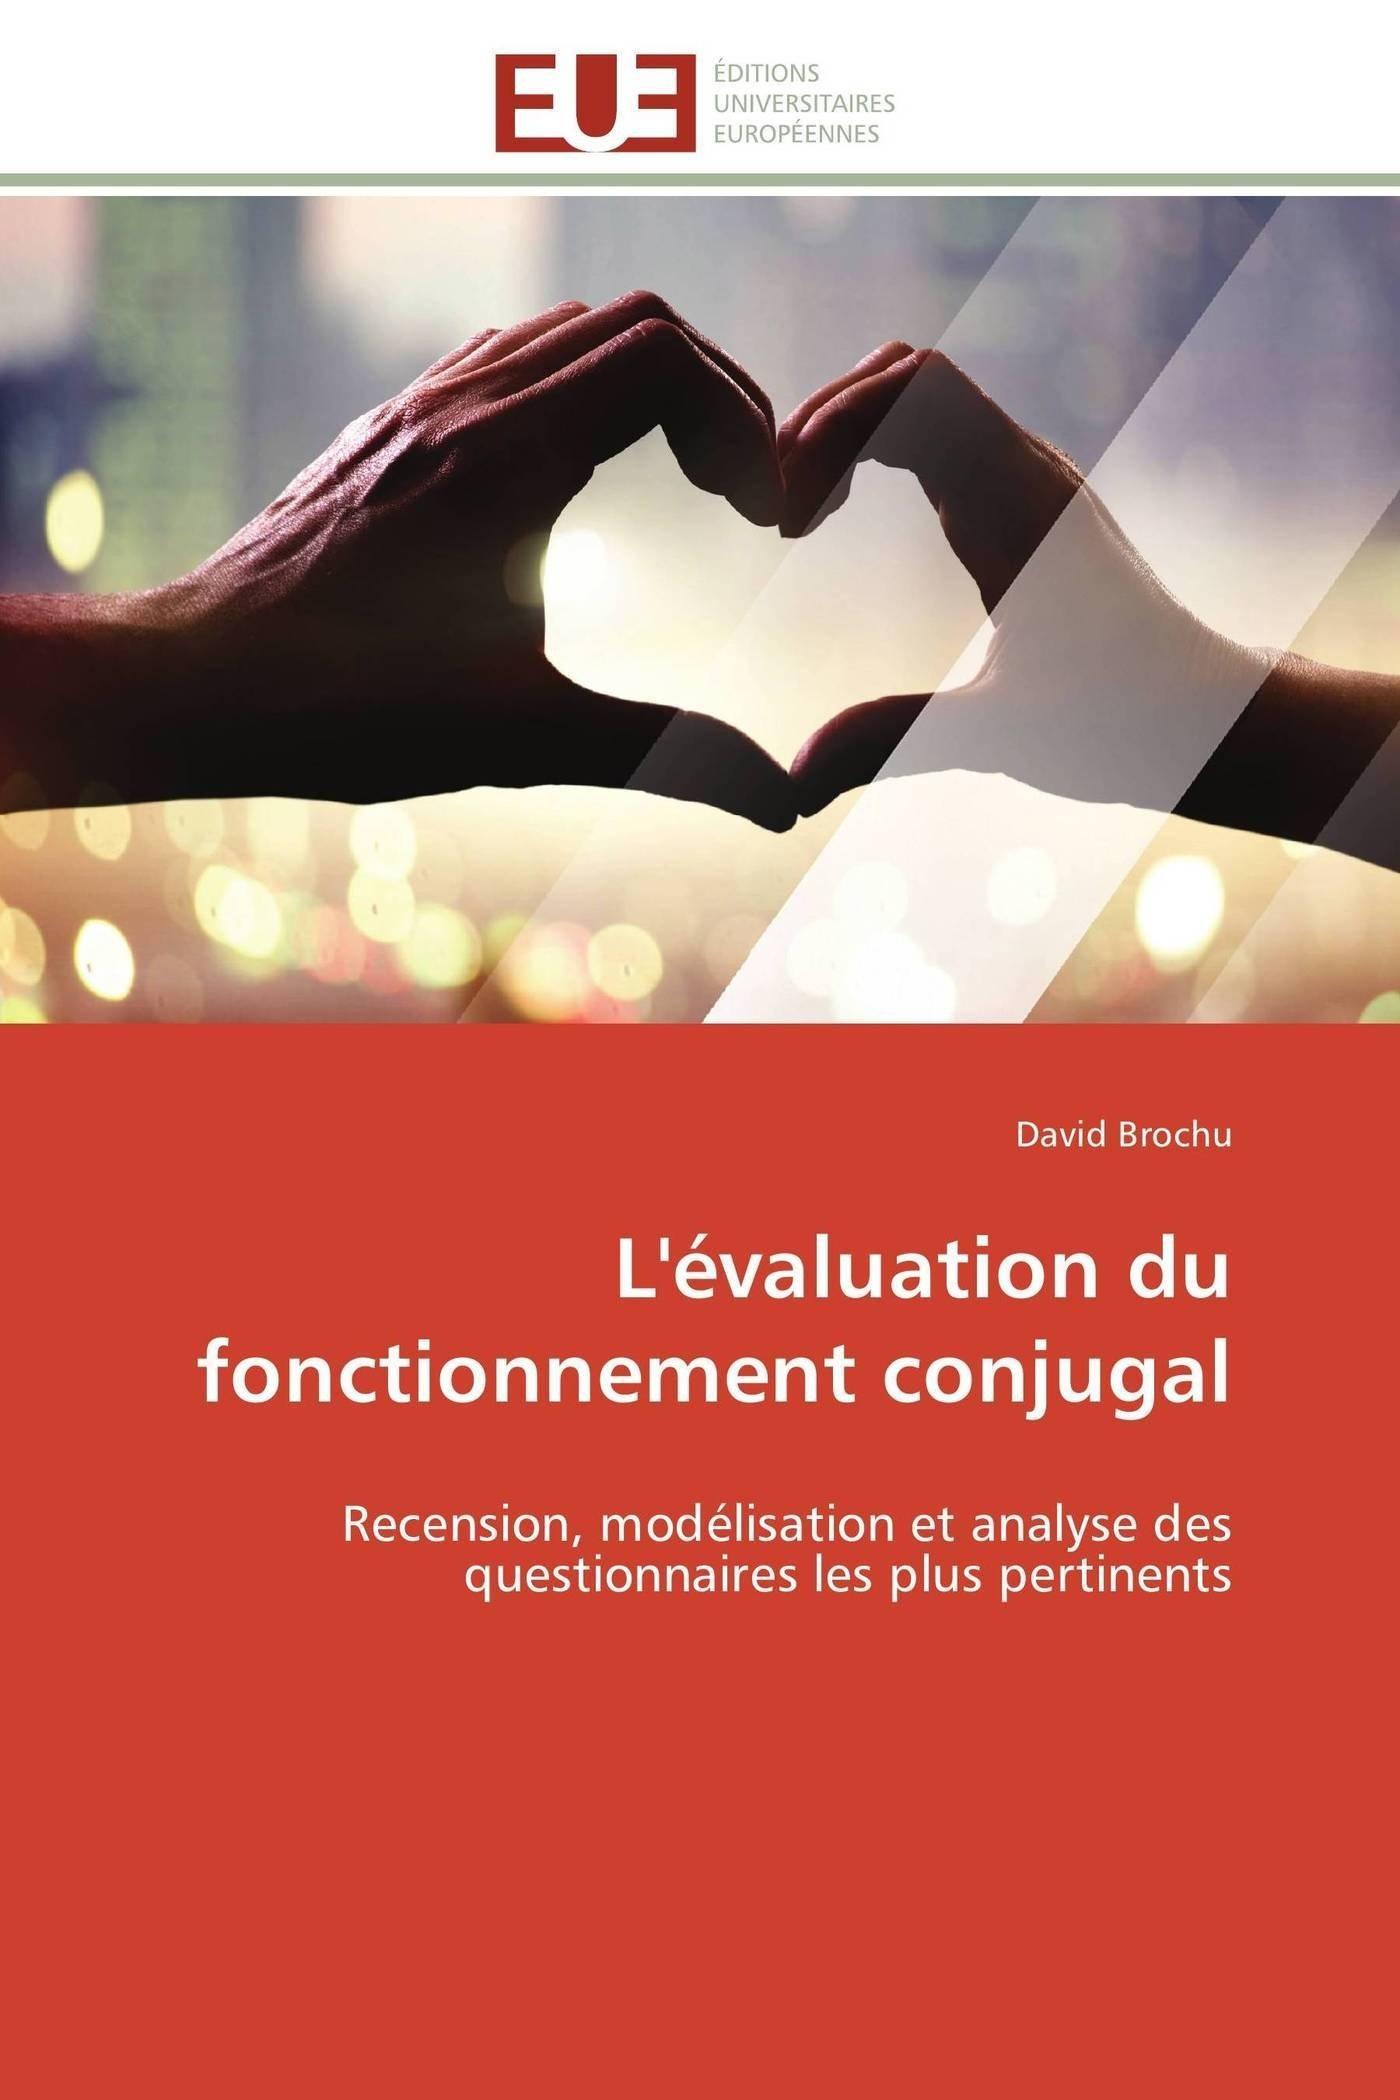 Download L'évaluation du fonctionnement conjugal: Recension, modélisation et analyse des questionnaires les plus pertinents (Omn.Univ.Europ.) (French Edition) ebook